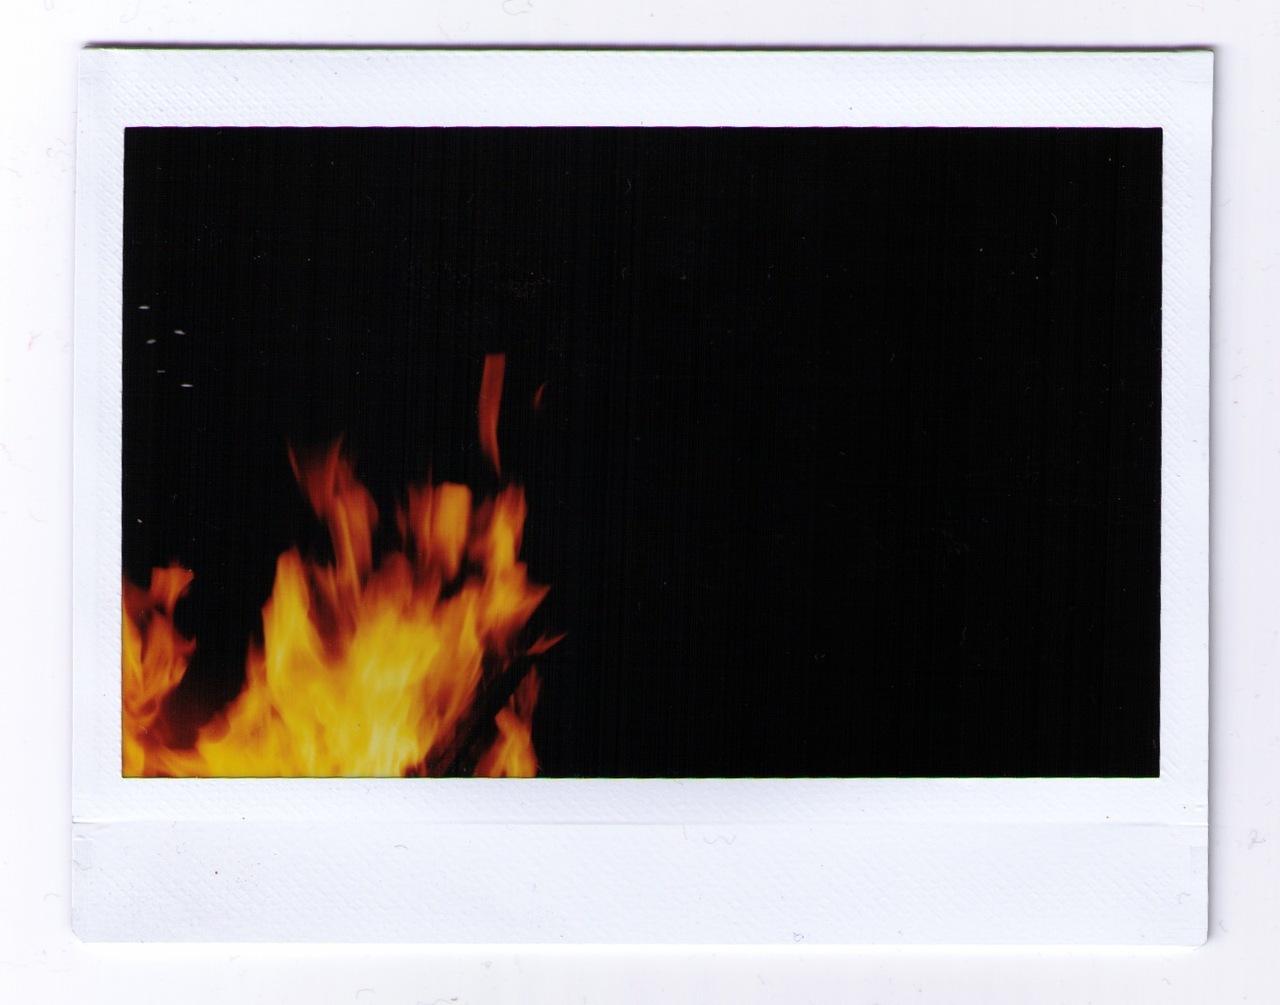 Fire at Feitler 7/31/10